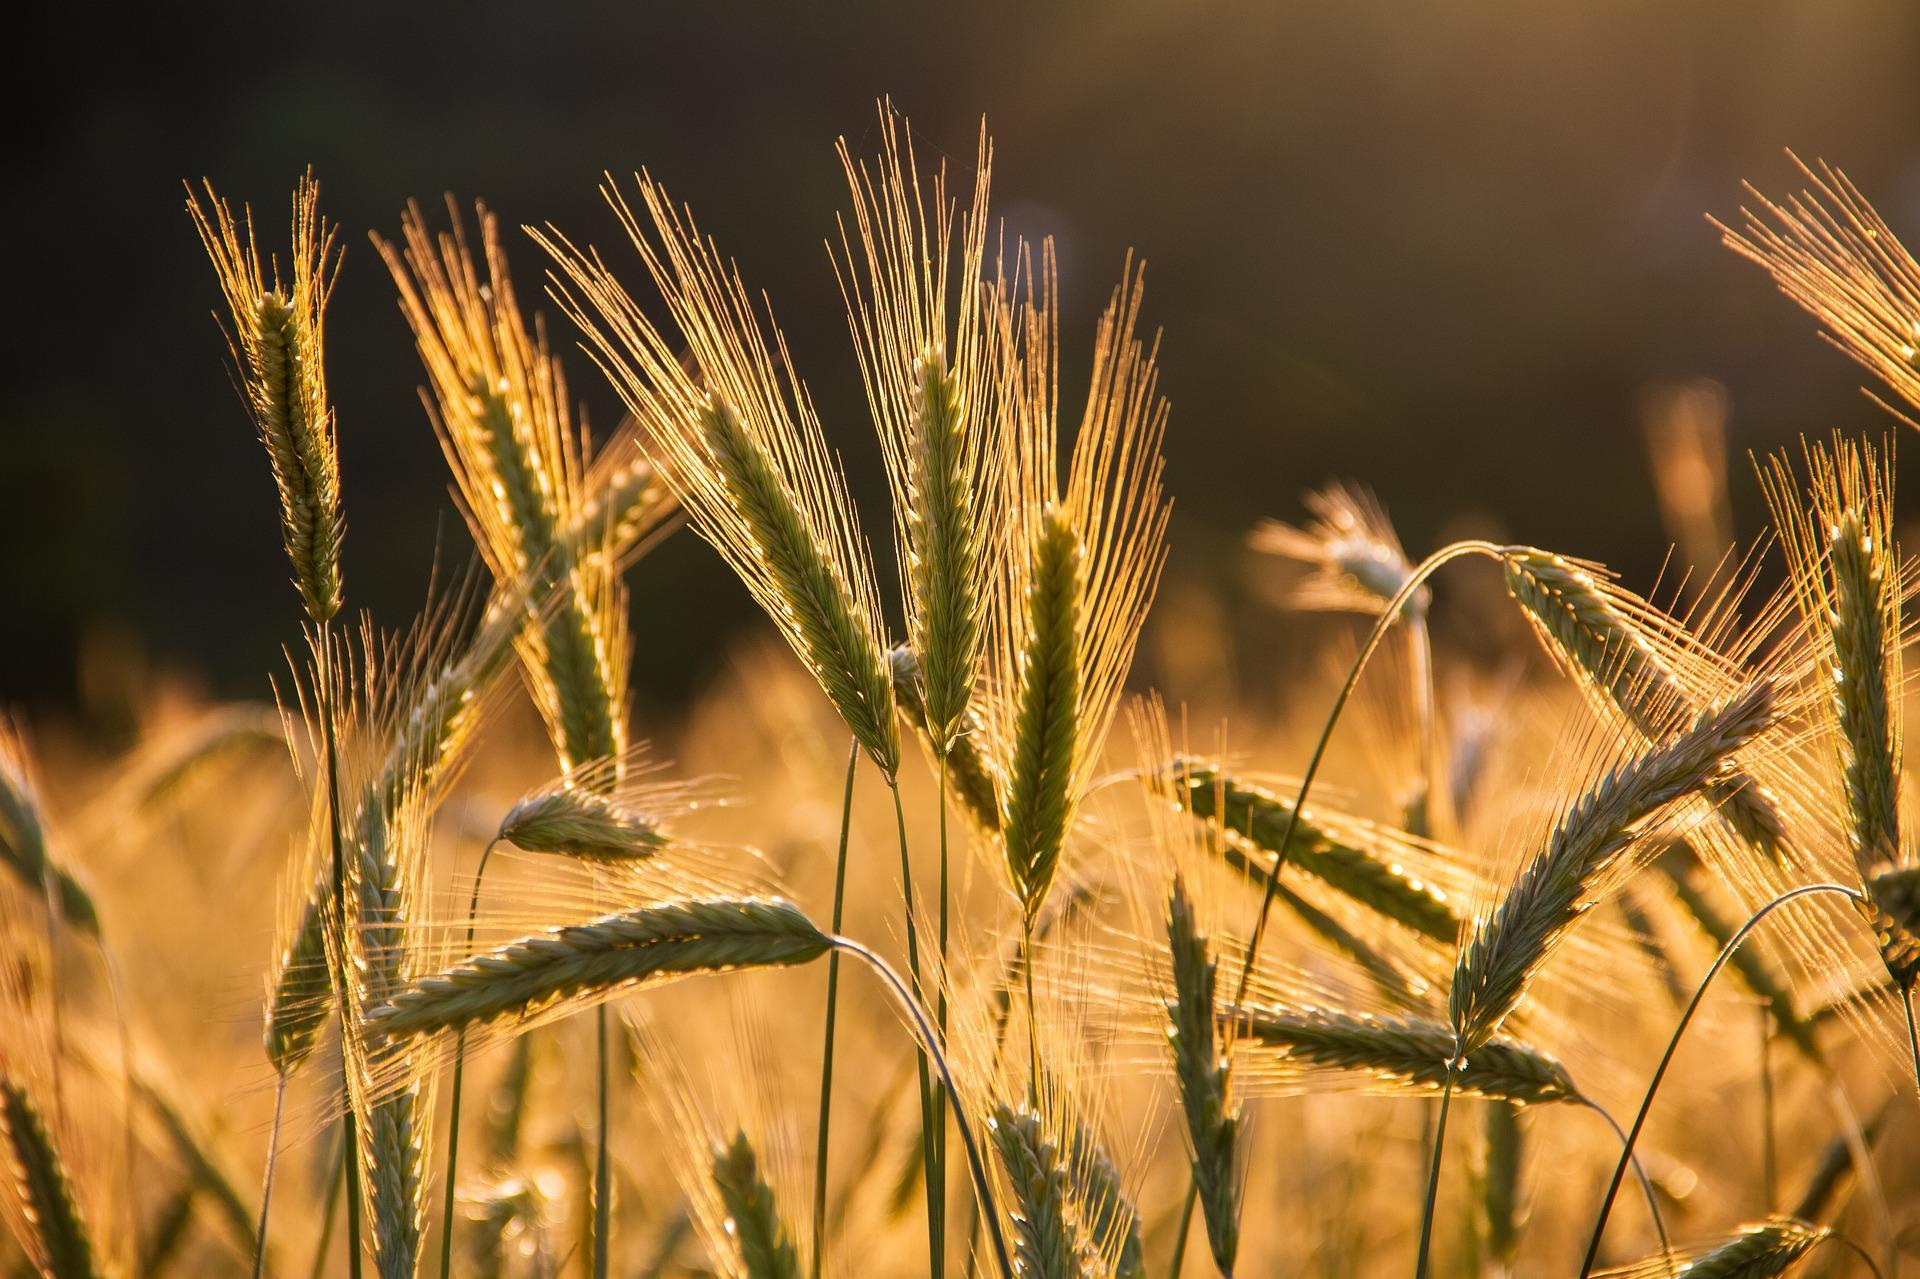 موسم الحبوب 2020-2021.. النقاط الرئيسية في بلاغ وزارة الفلاحة